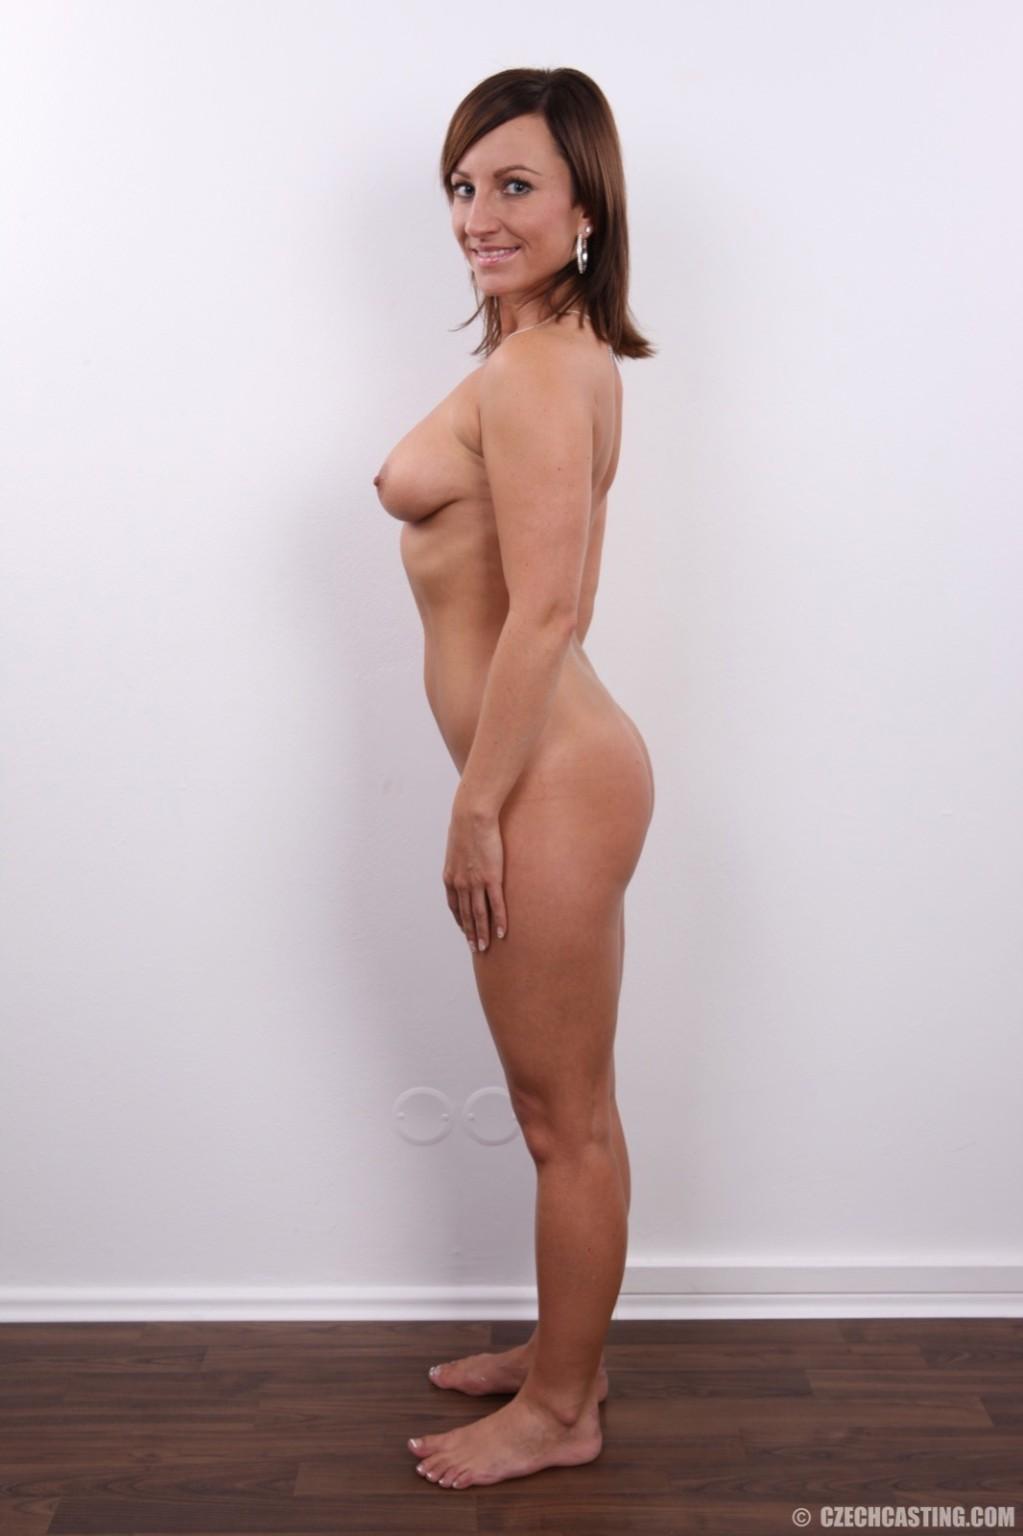 Развратница в белом сексуальном белье раздвигает себе пизду на камеру